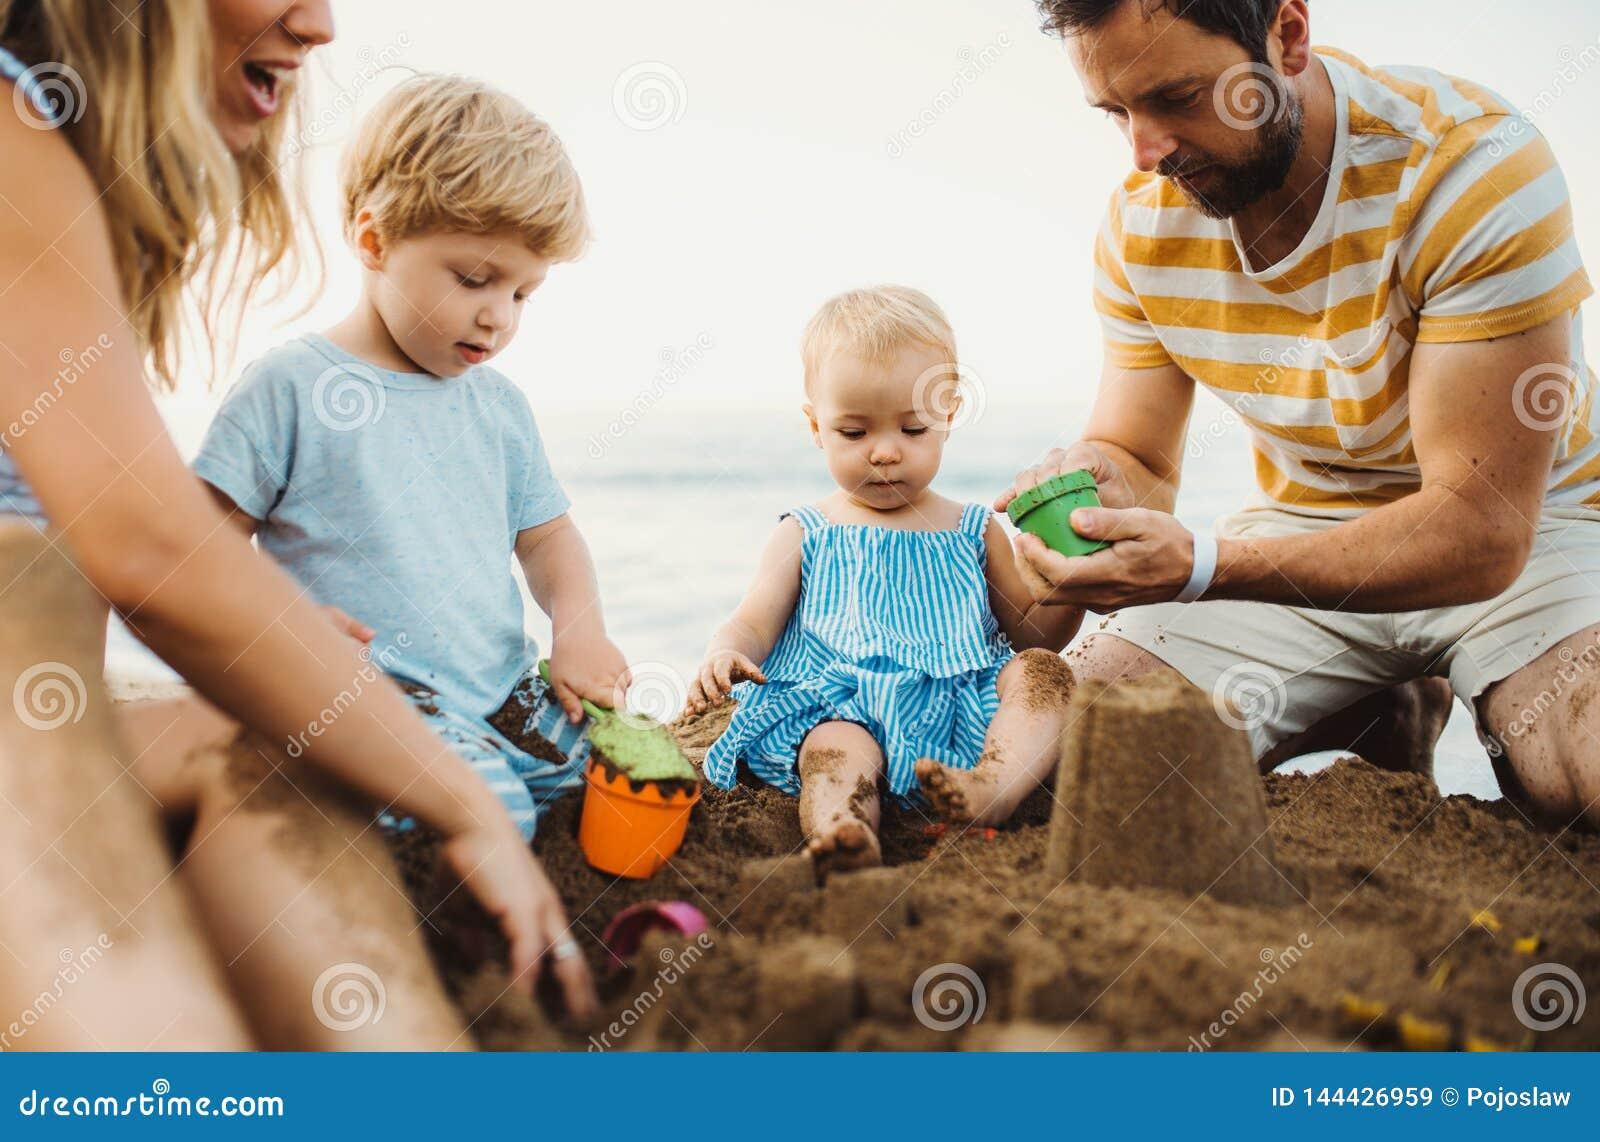 Νέα οικογένεια με τα παιδιά μικρών παιδιών που παίζουν με την άμμο στην παραλία στις καλοκαιρινές διακοπές